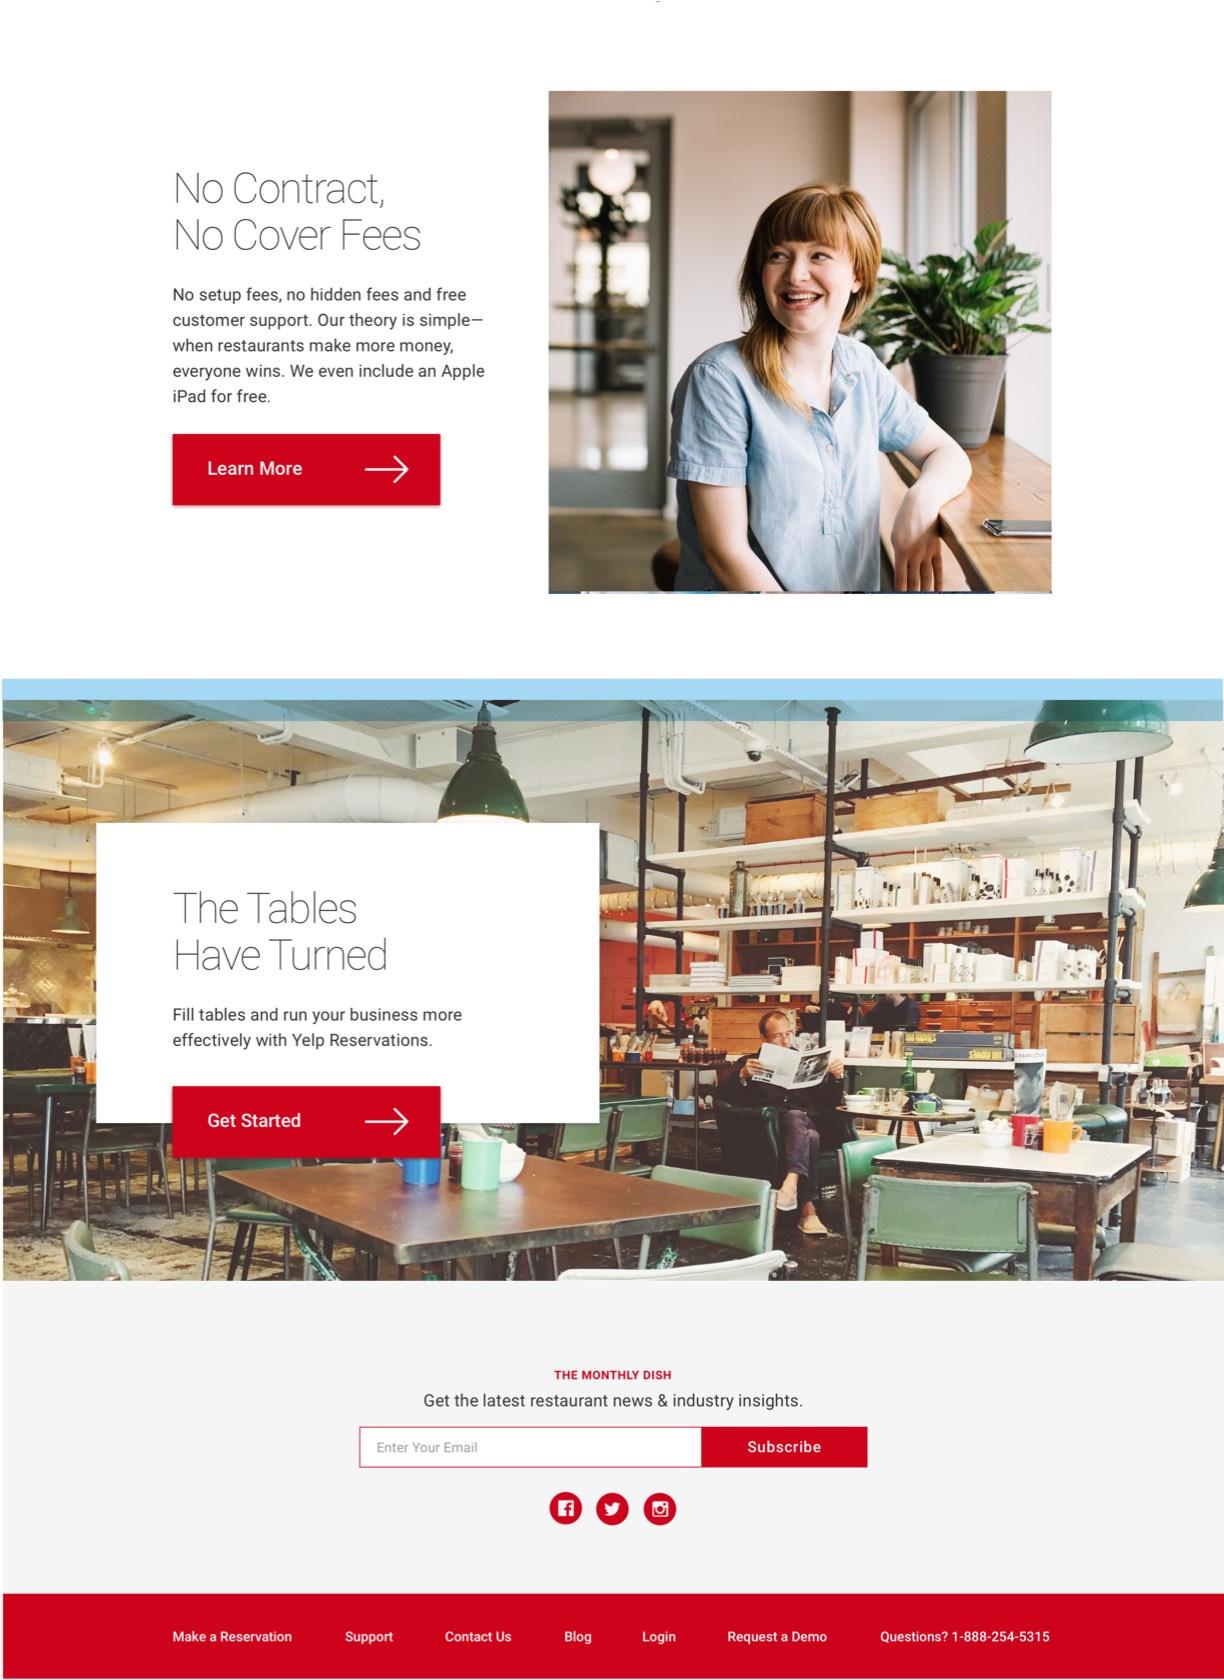 Yelp Visual Design One